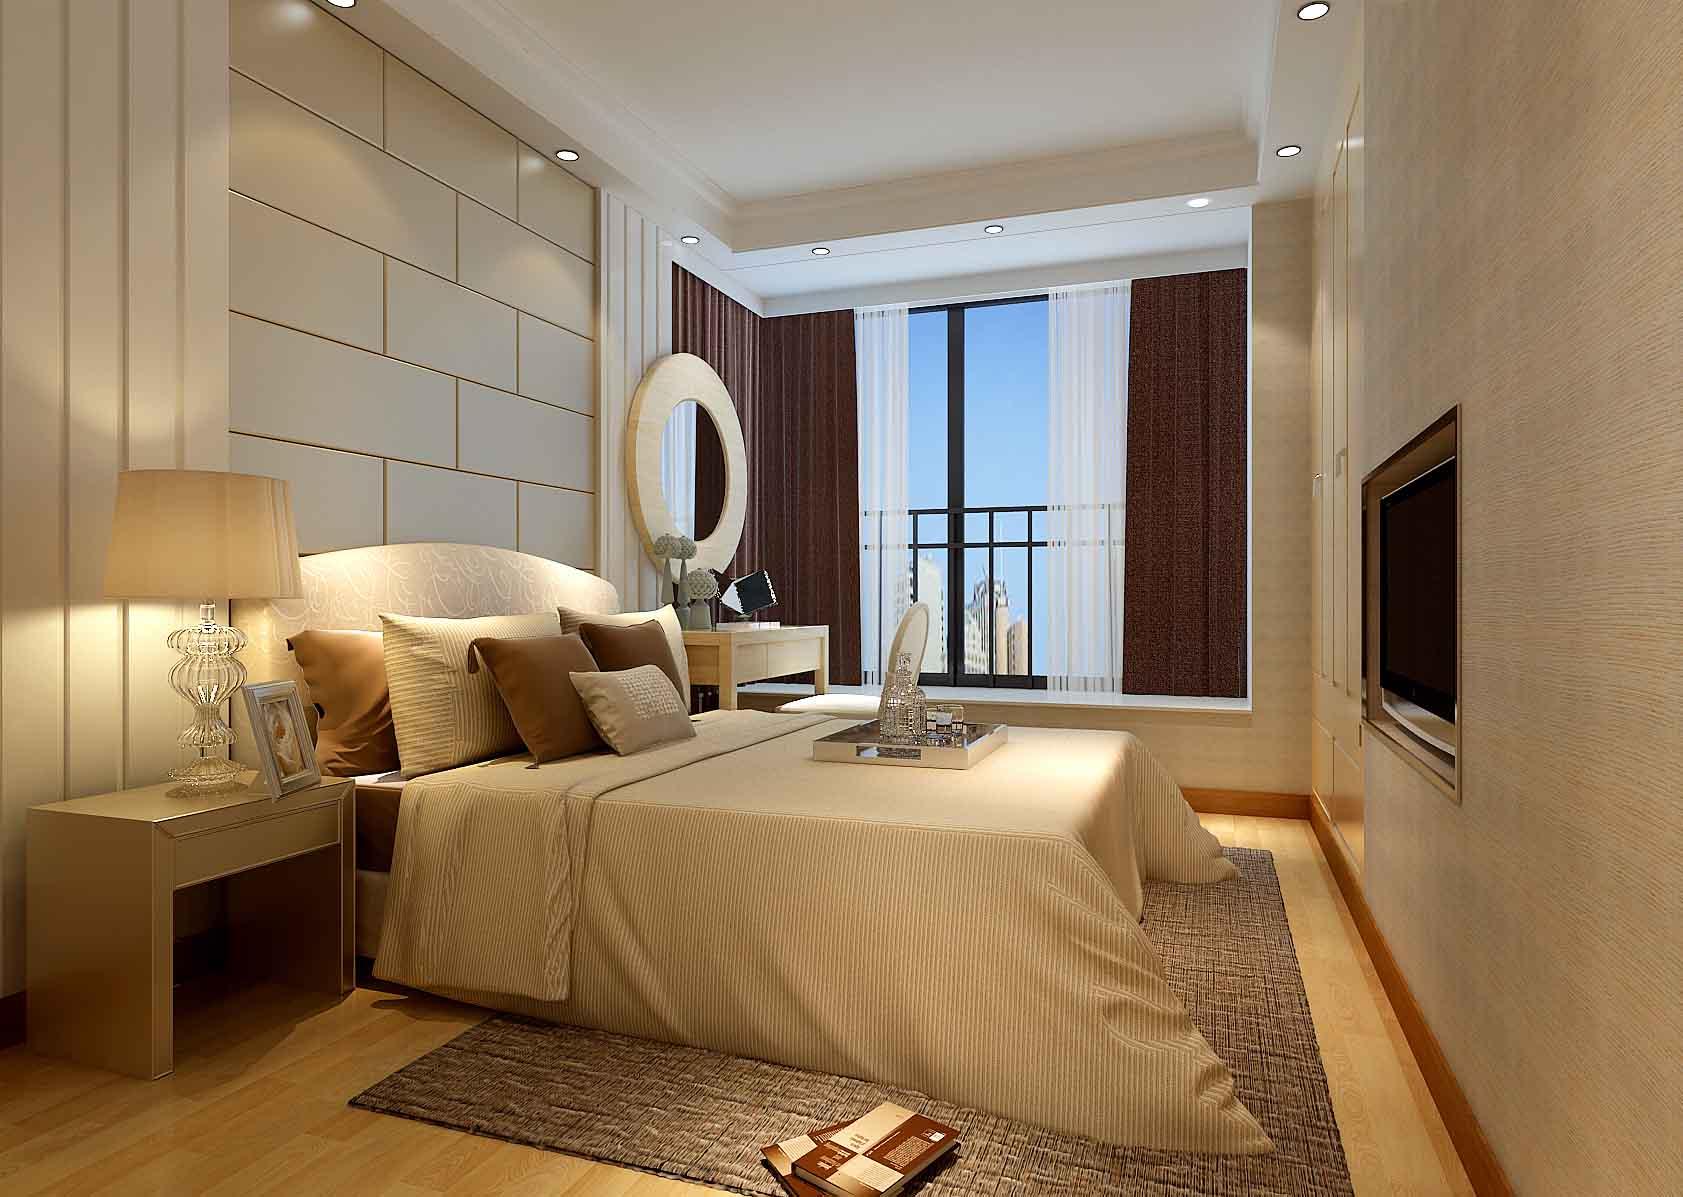 卧室装修用什么颜色好 卧室装修颜色搭配技